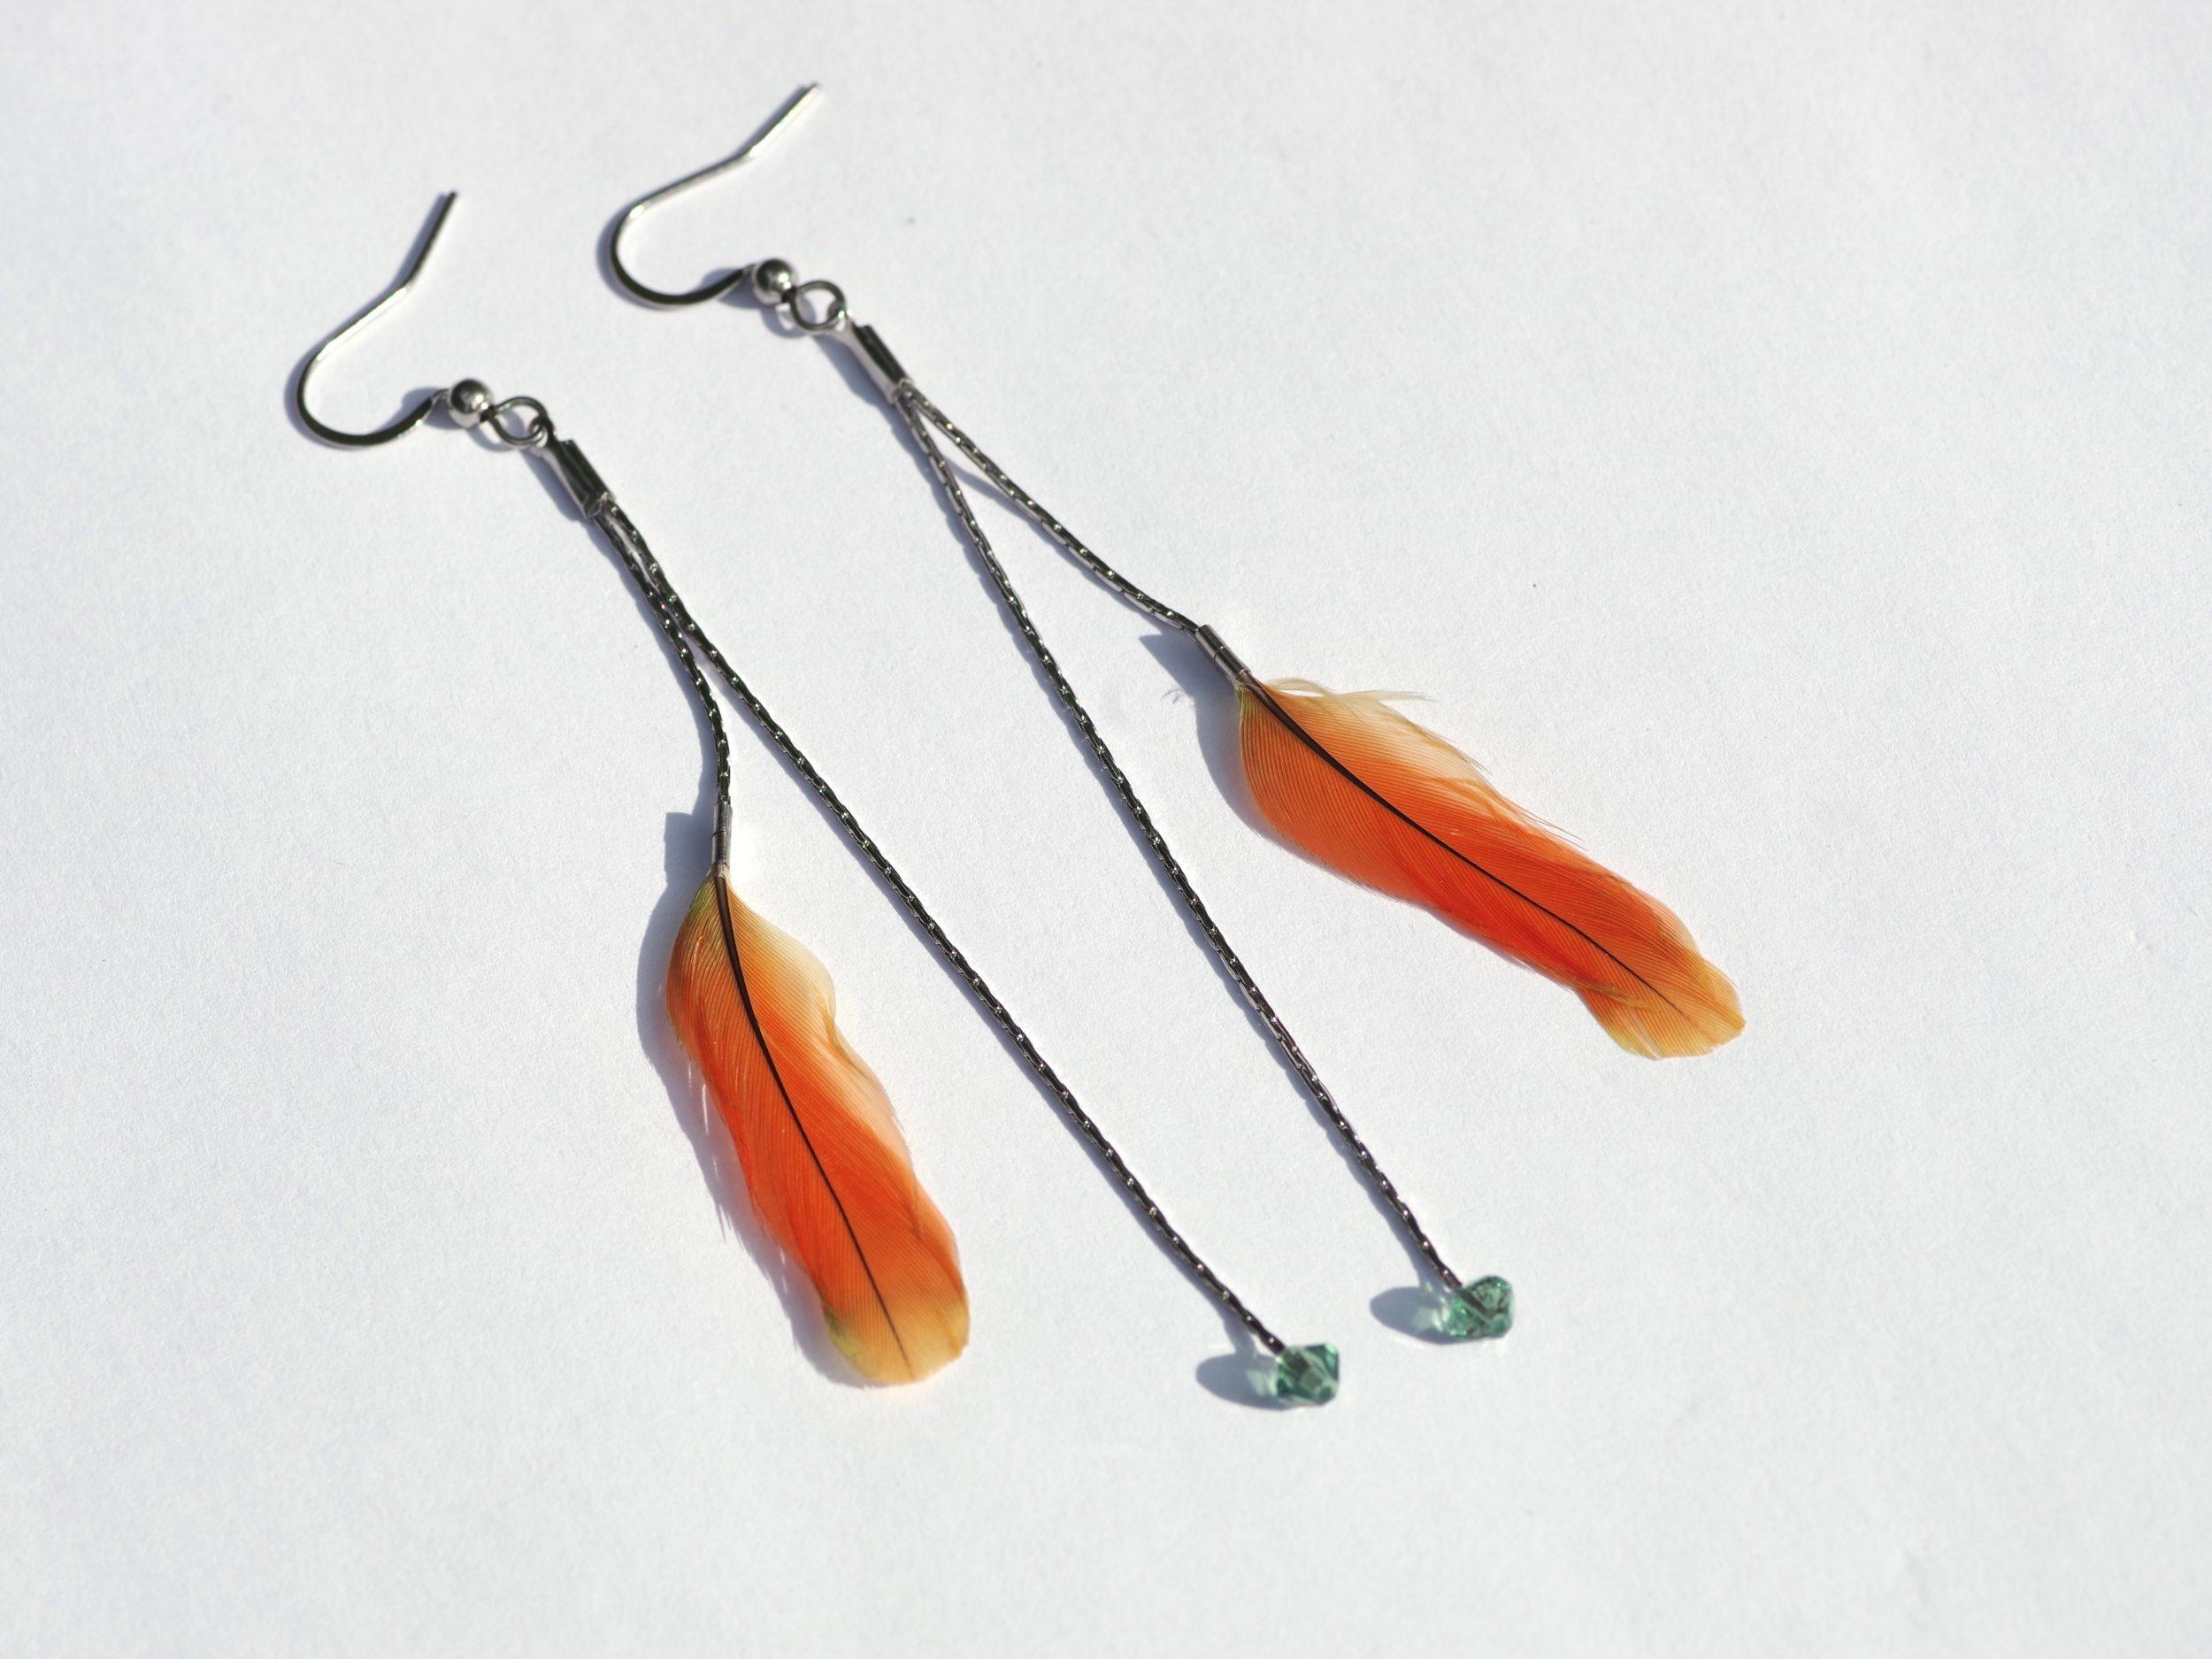 boucles d'oreilles à deux pendants argentés: un avec une petite plume orange sur une fine chaine courte , une chaîne pus longue avec une petite perle en verre facettée